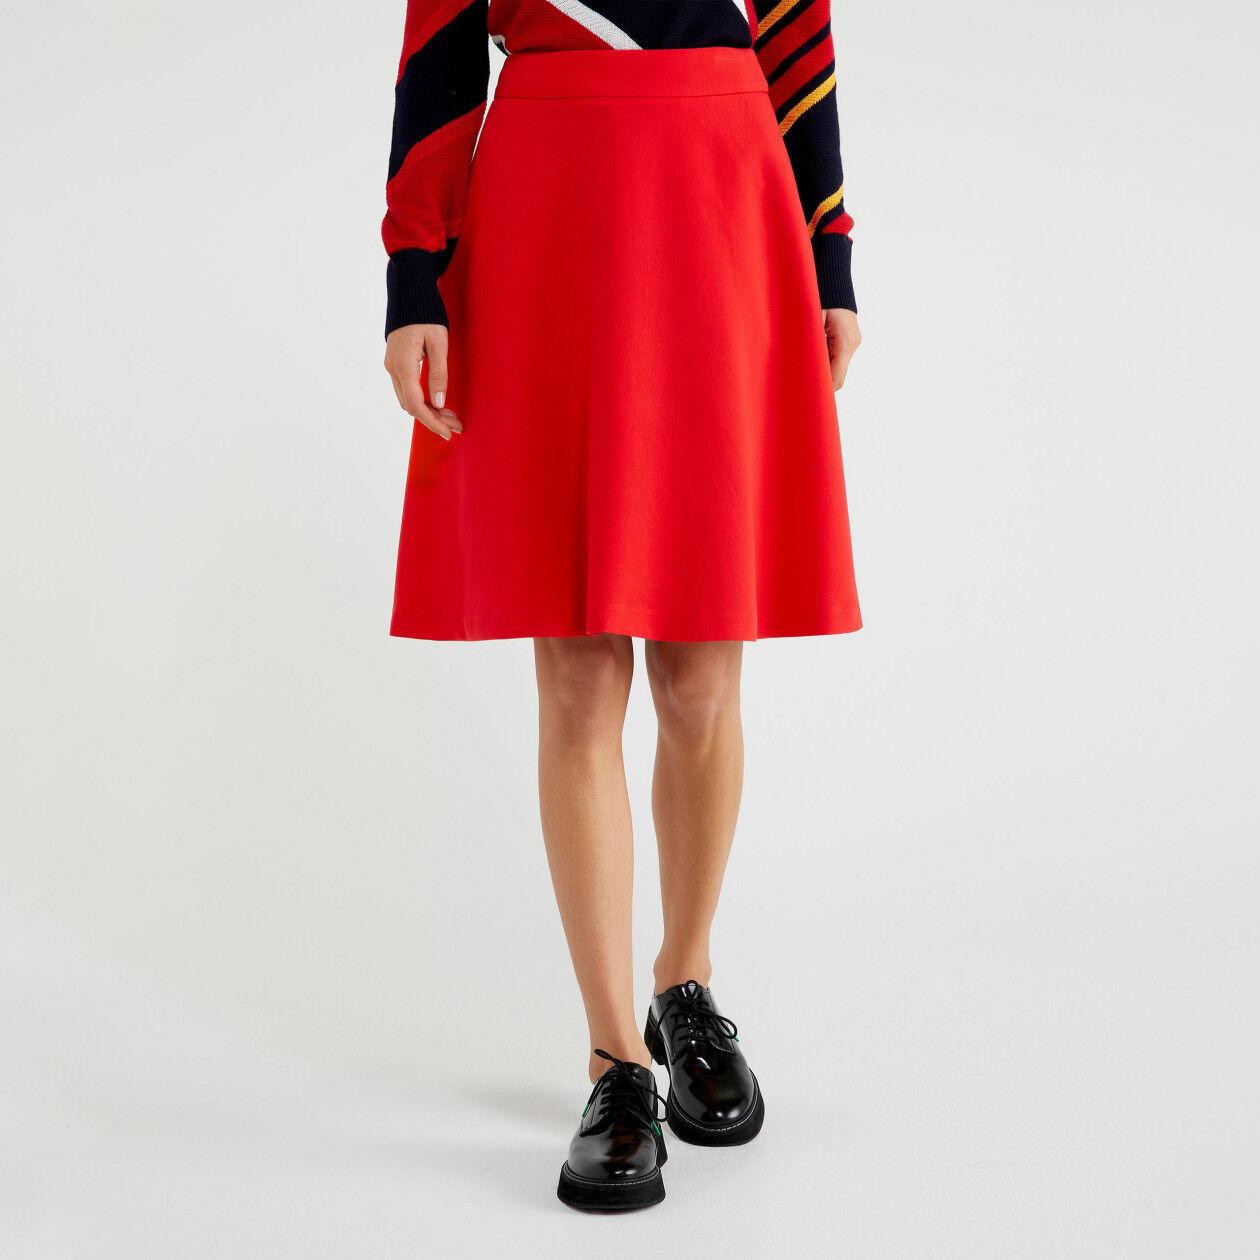 Bell skirt